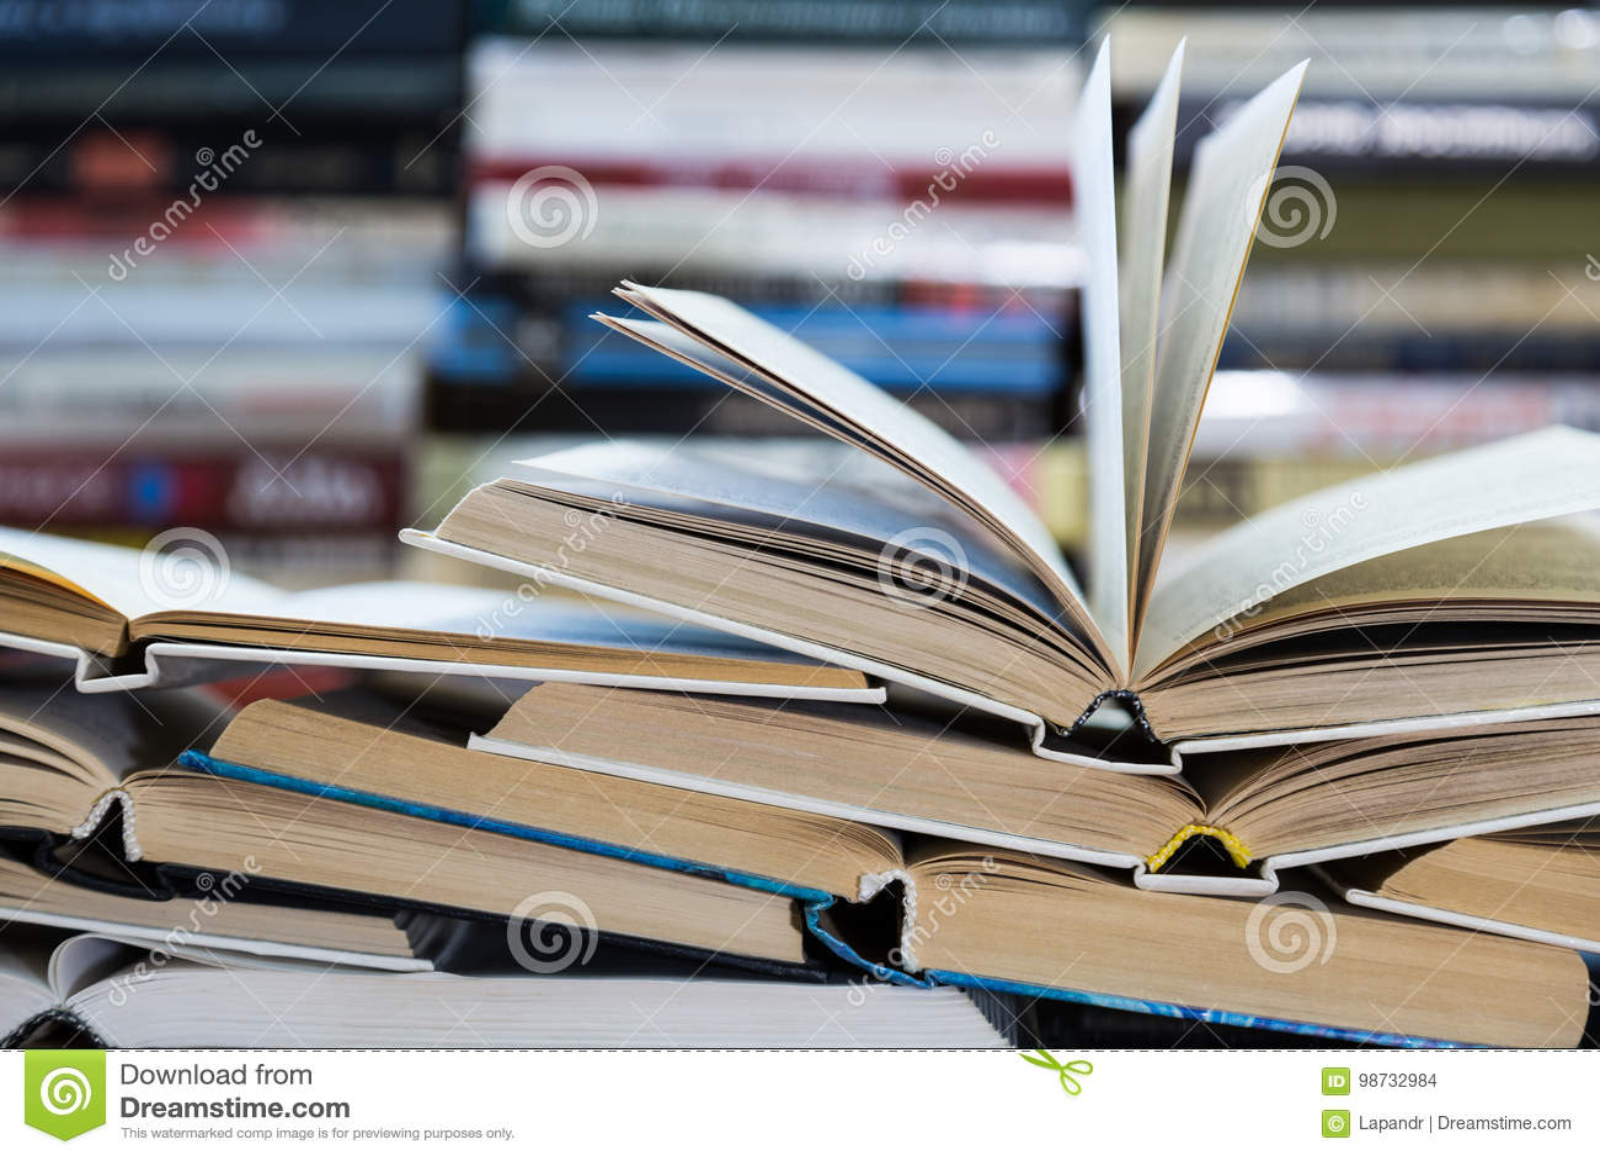 Een stapel boeken met kleurrijke dekking De bibliotheek of de boekhandel Boeken of handboeken Onderwijs en lezing